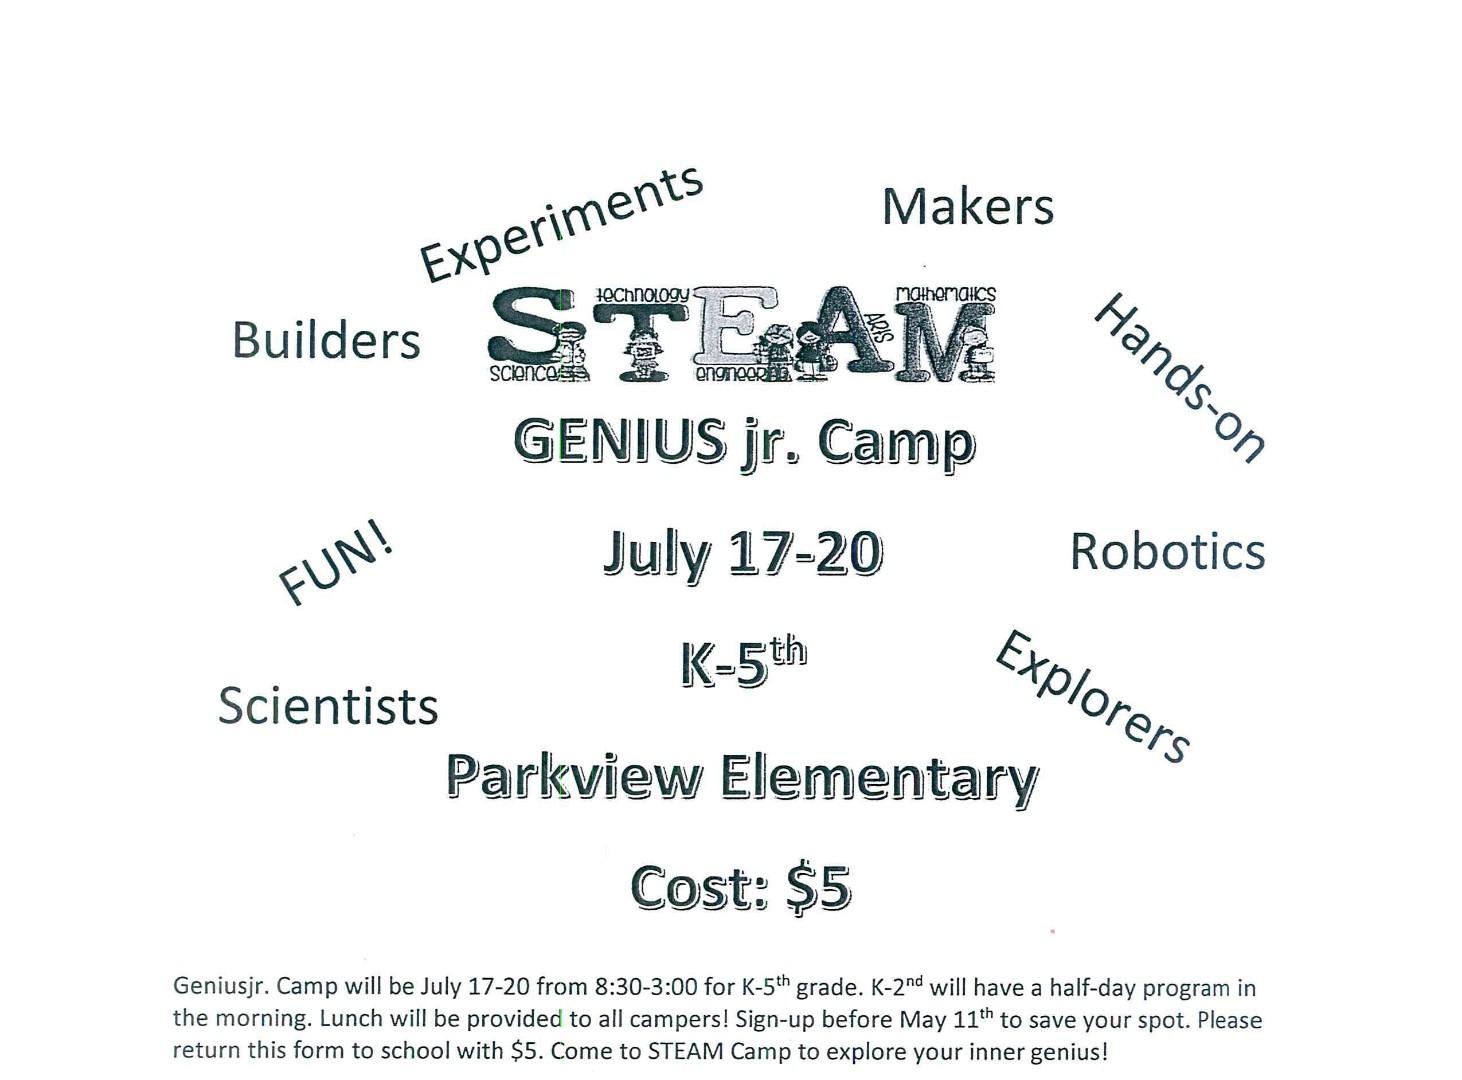 Stroud Public Schools - Summer Opportunities